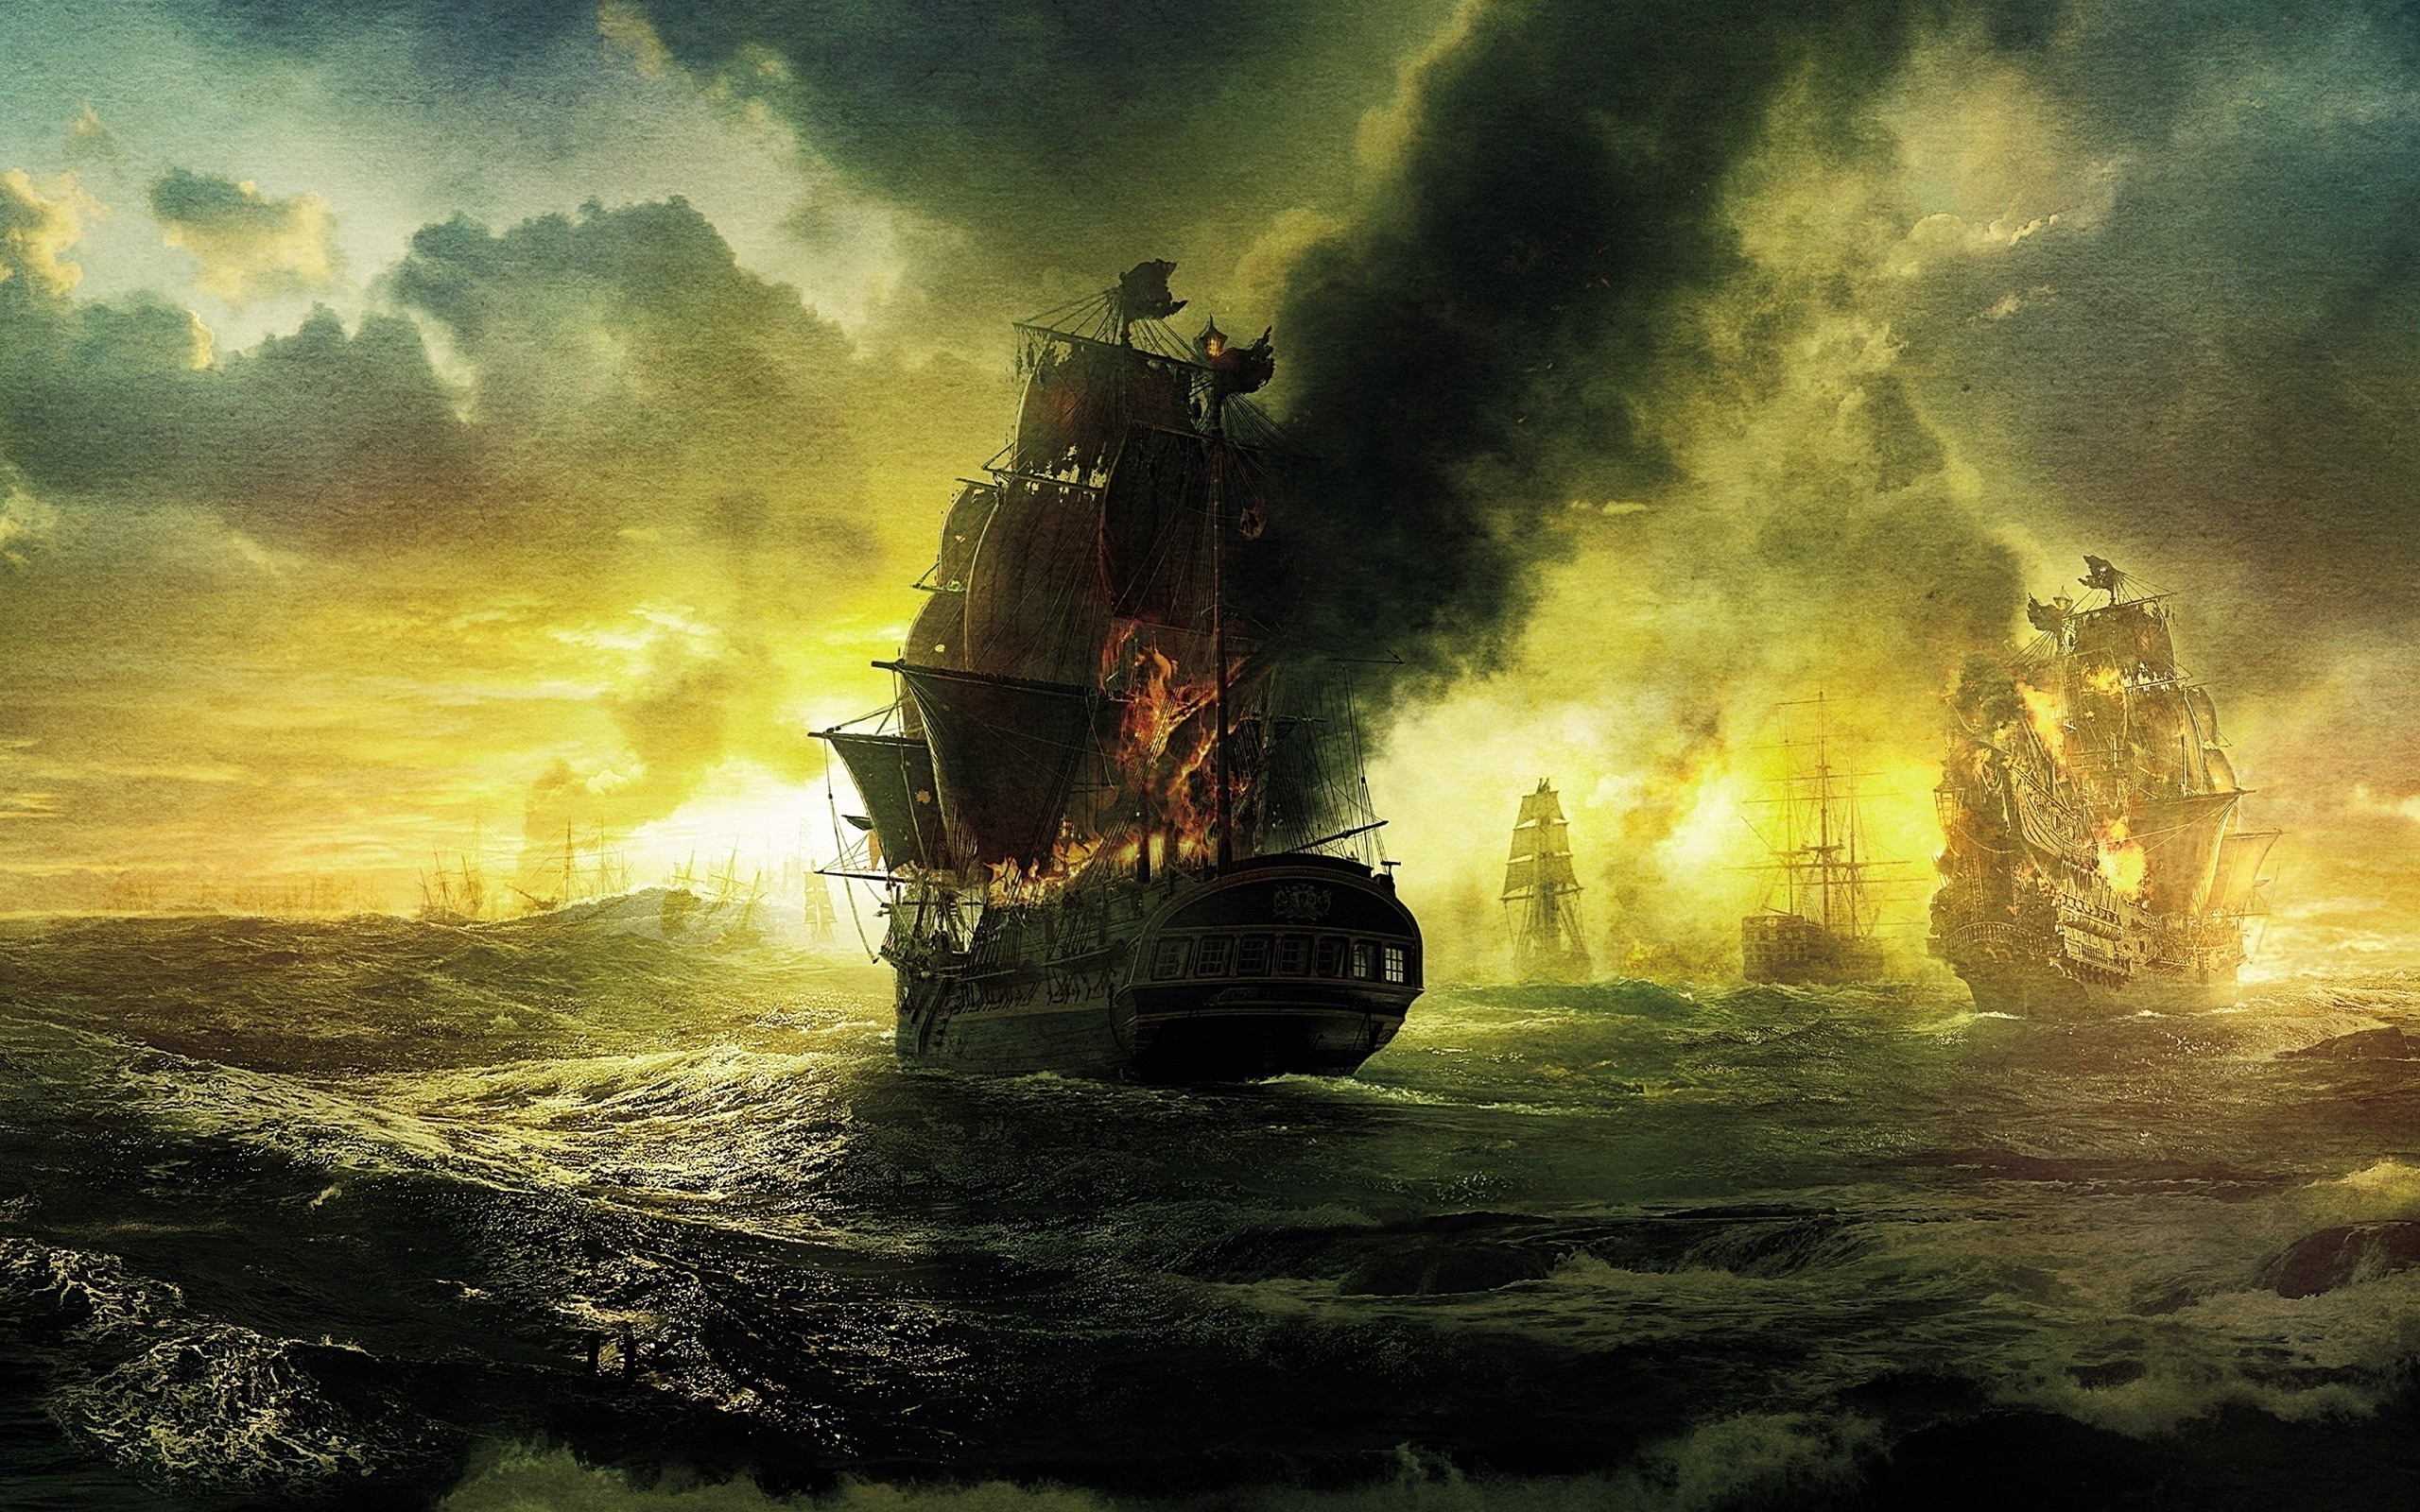 old ship, Sea, Sailing ship Wallpaper HD